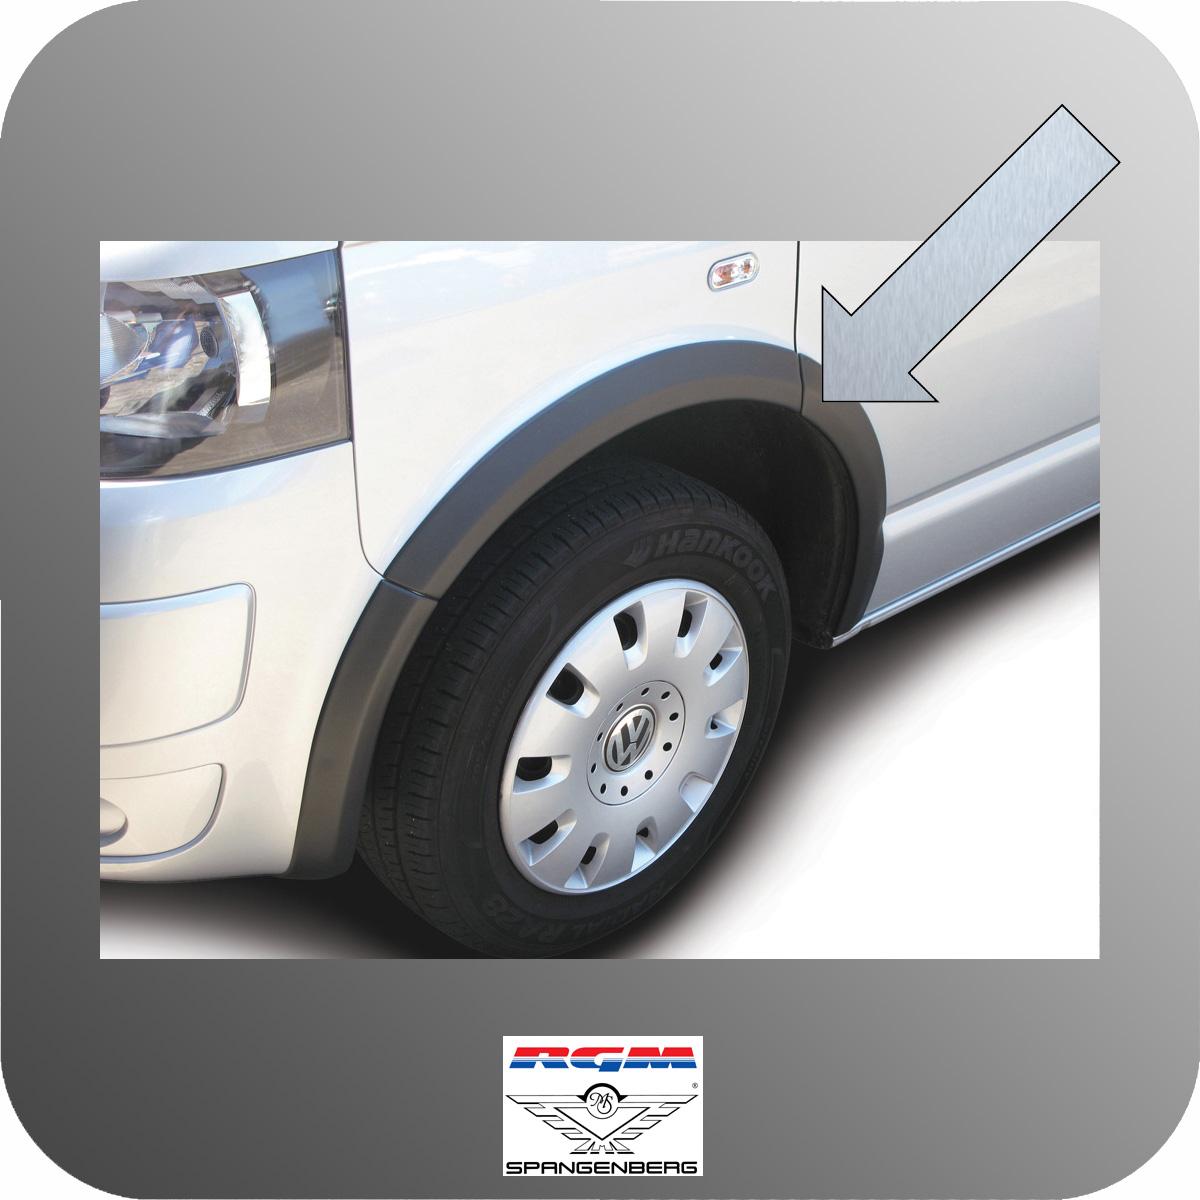 Radlaufabdeckung für VW T6.1 kurz Schiebetür rechts & Heckklappe 11.19- 7420652